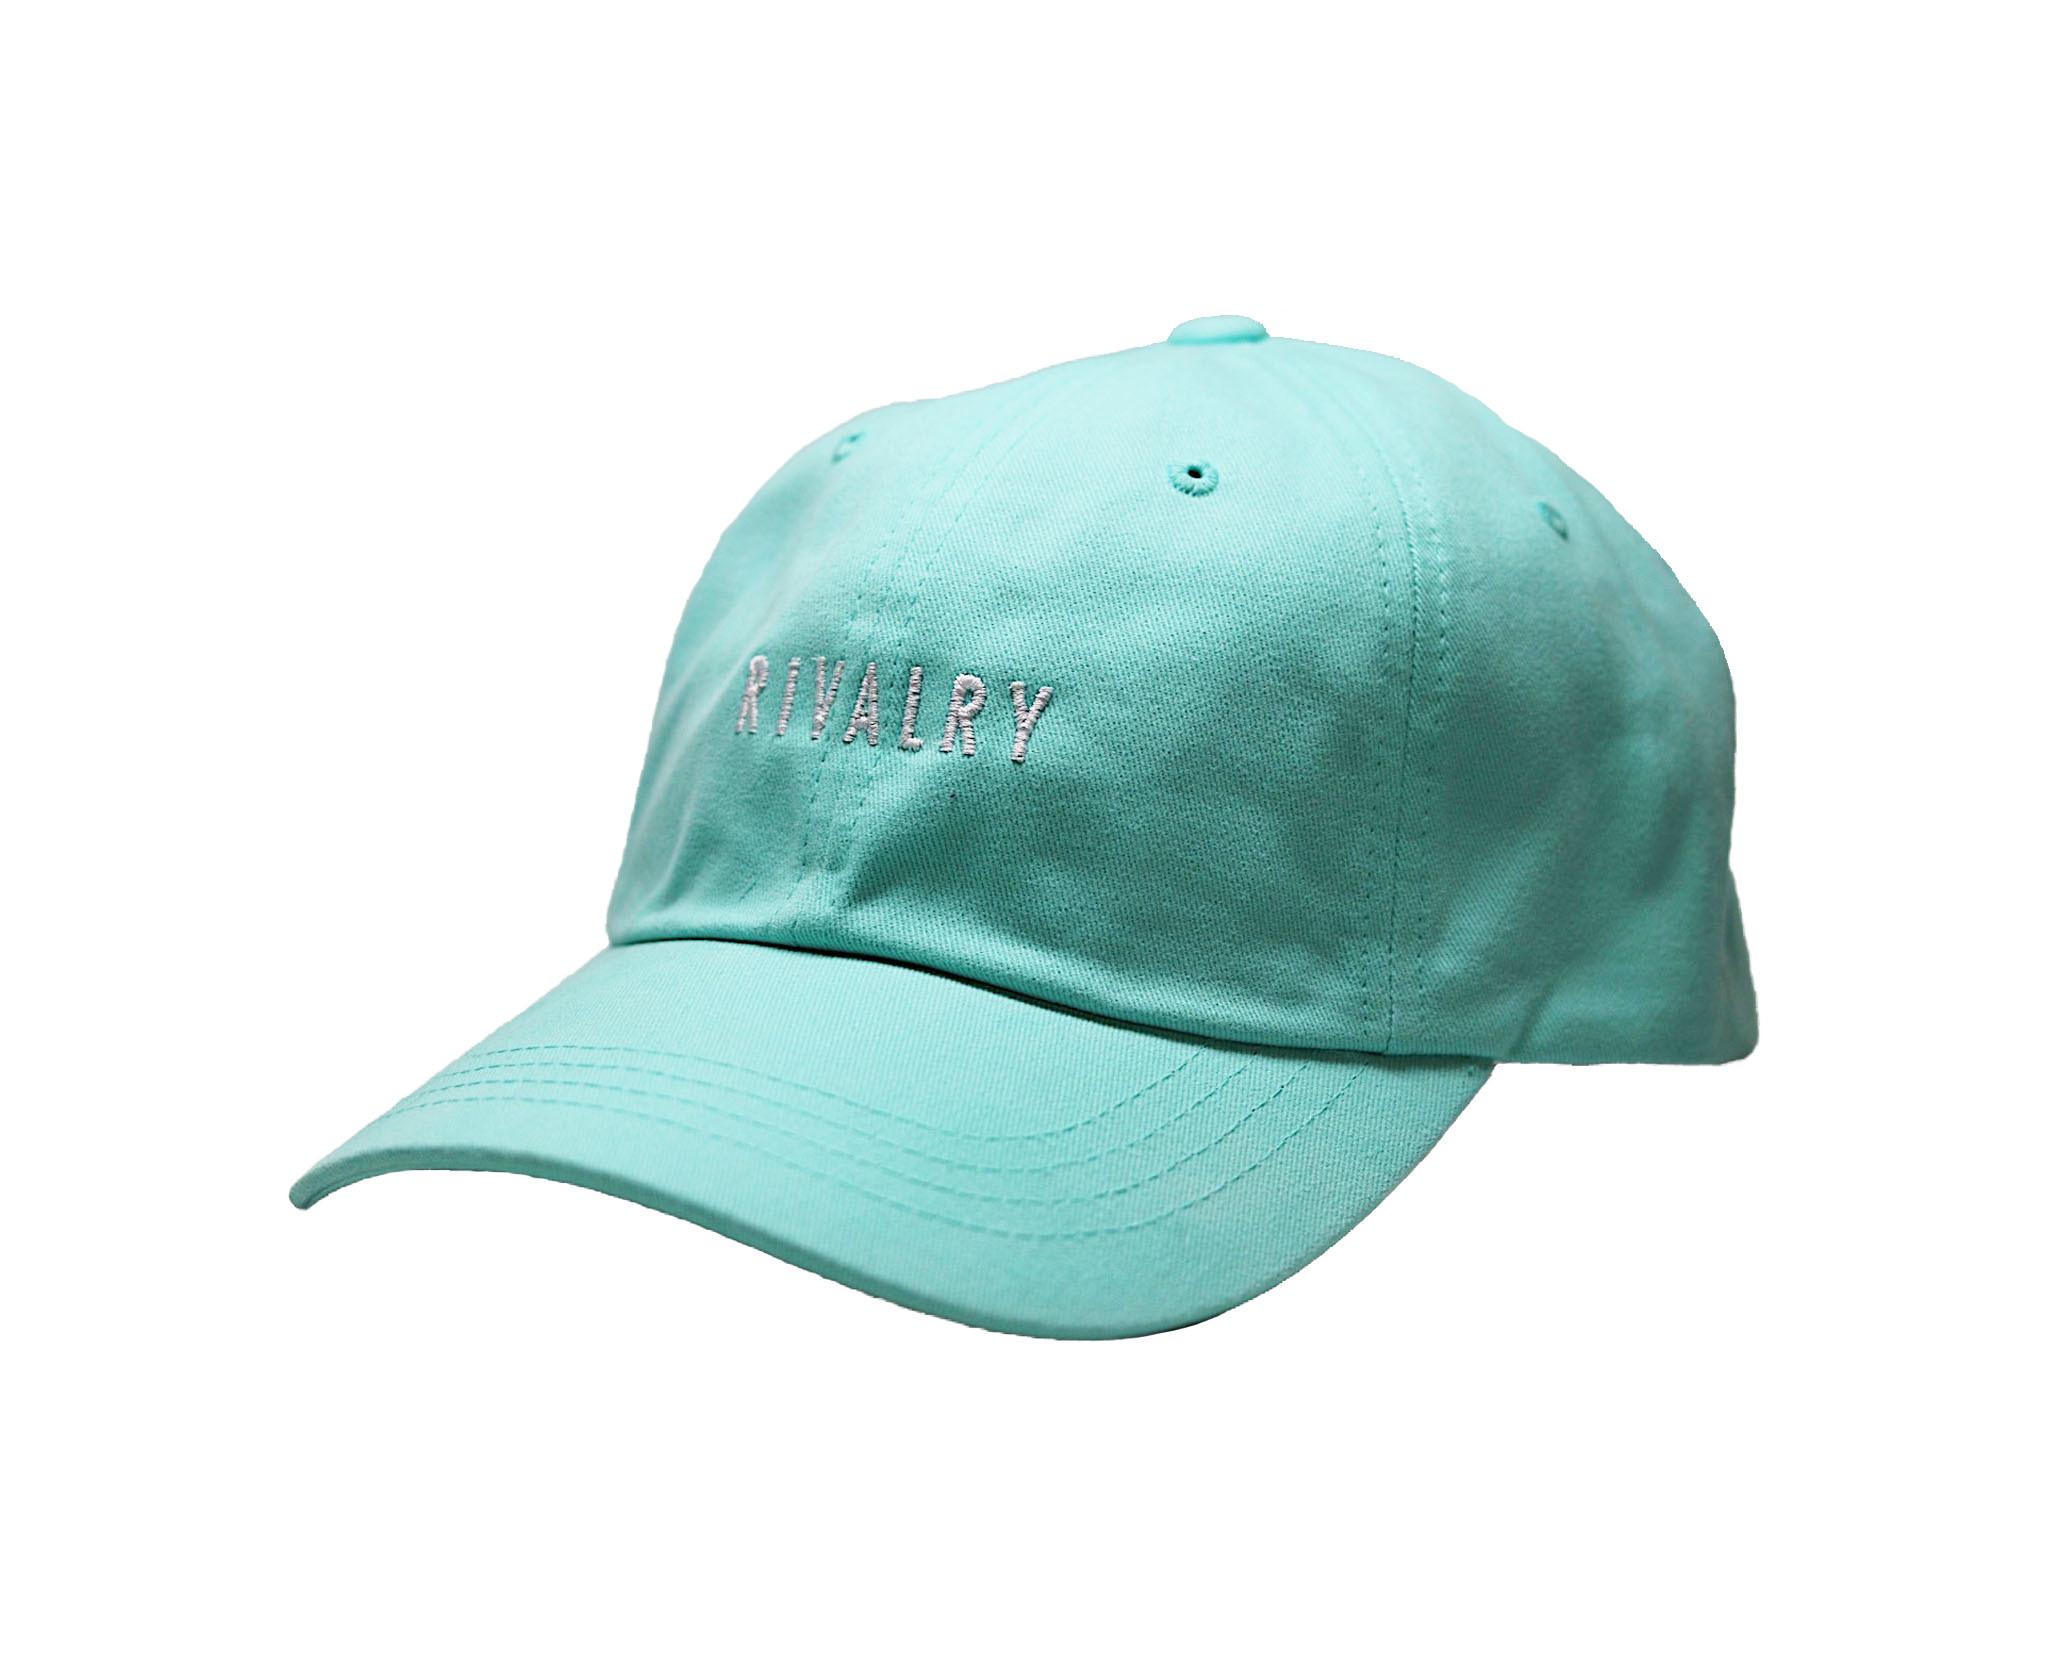 Rivalry Dad Hat - Tiffany Blue